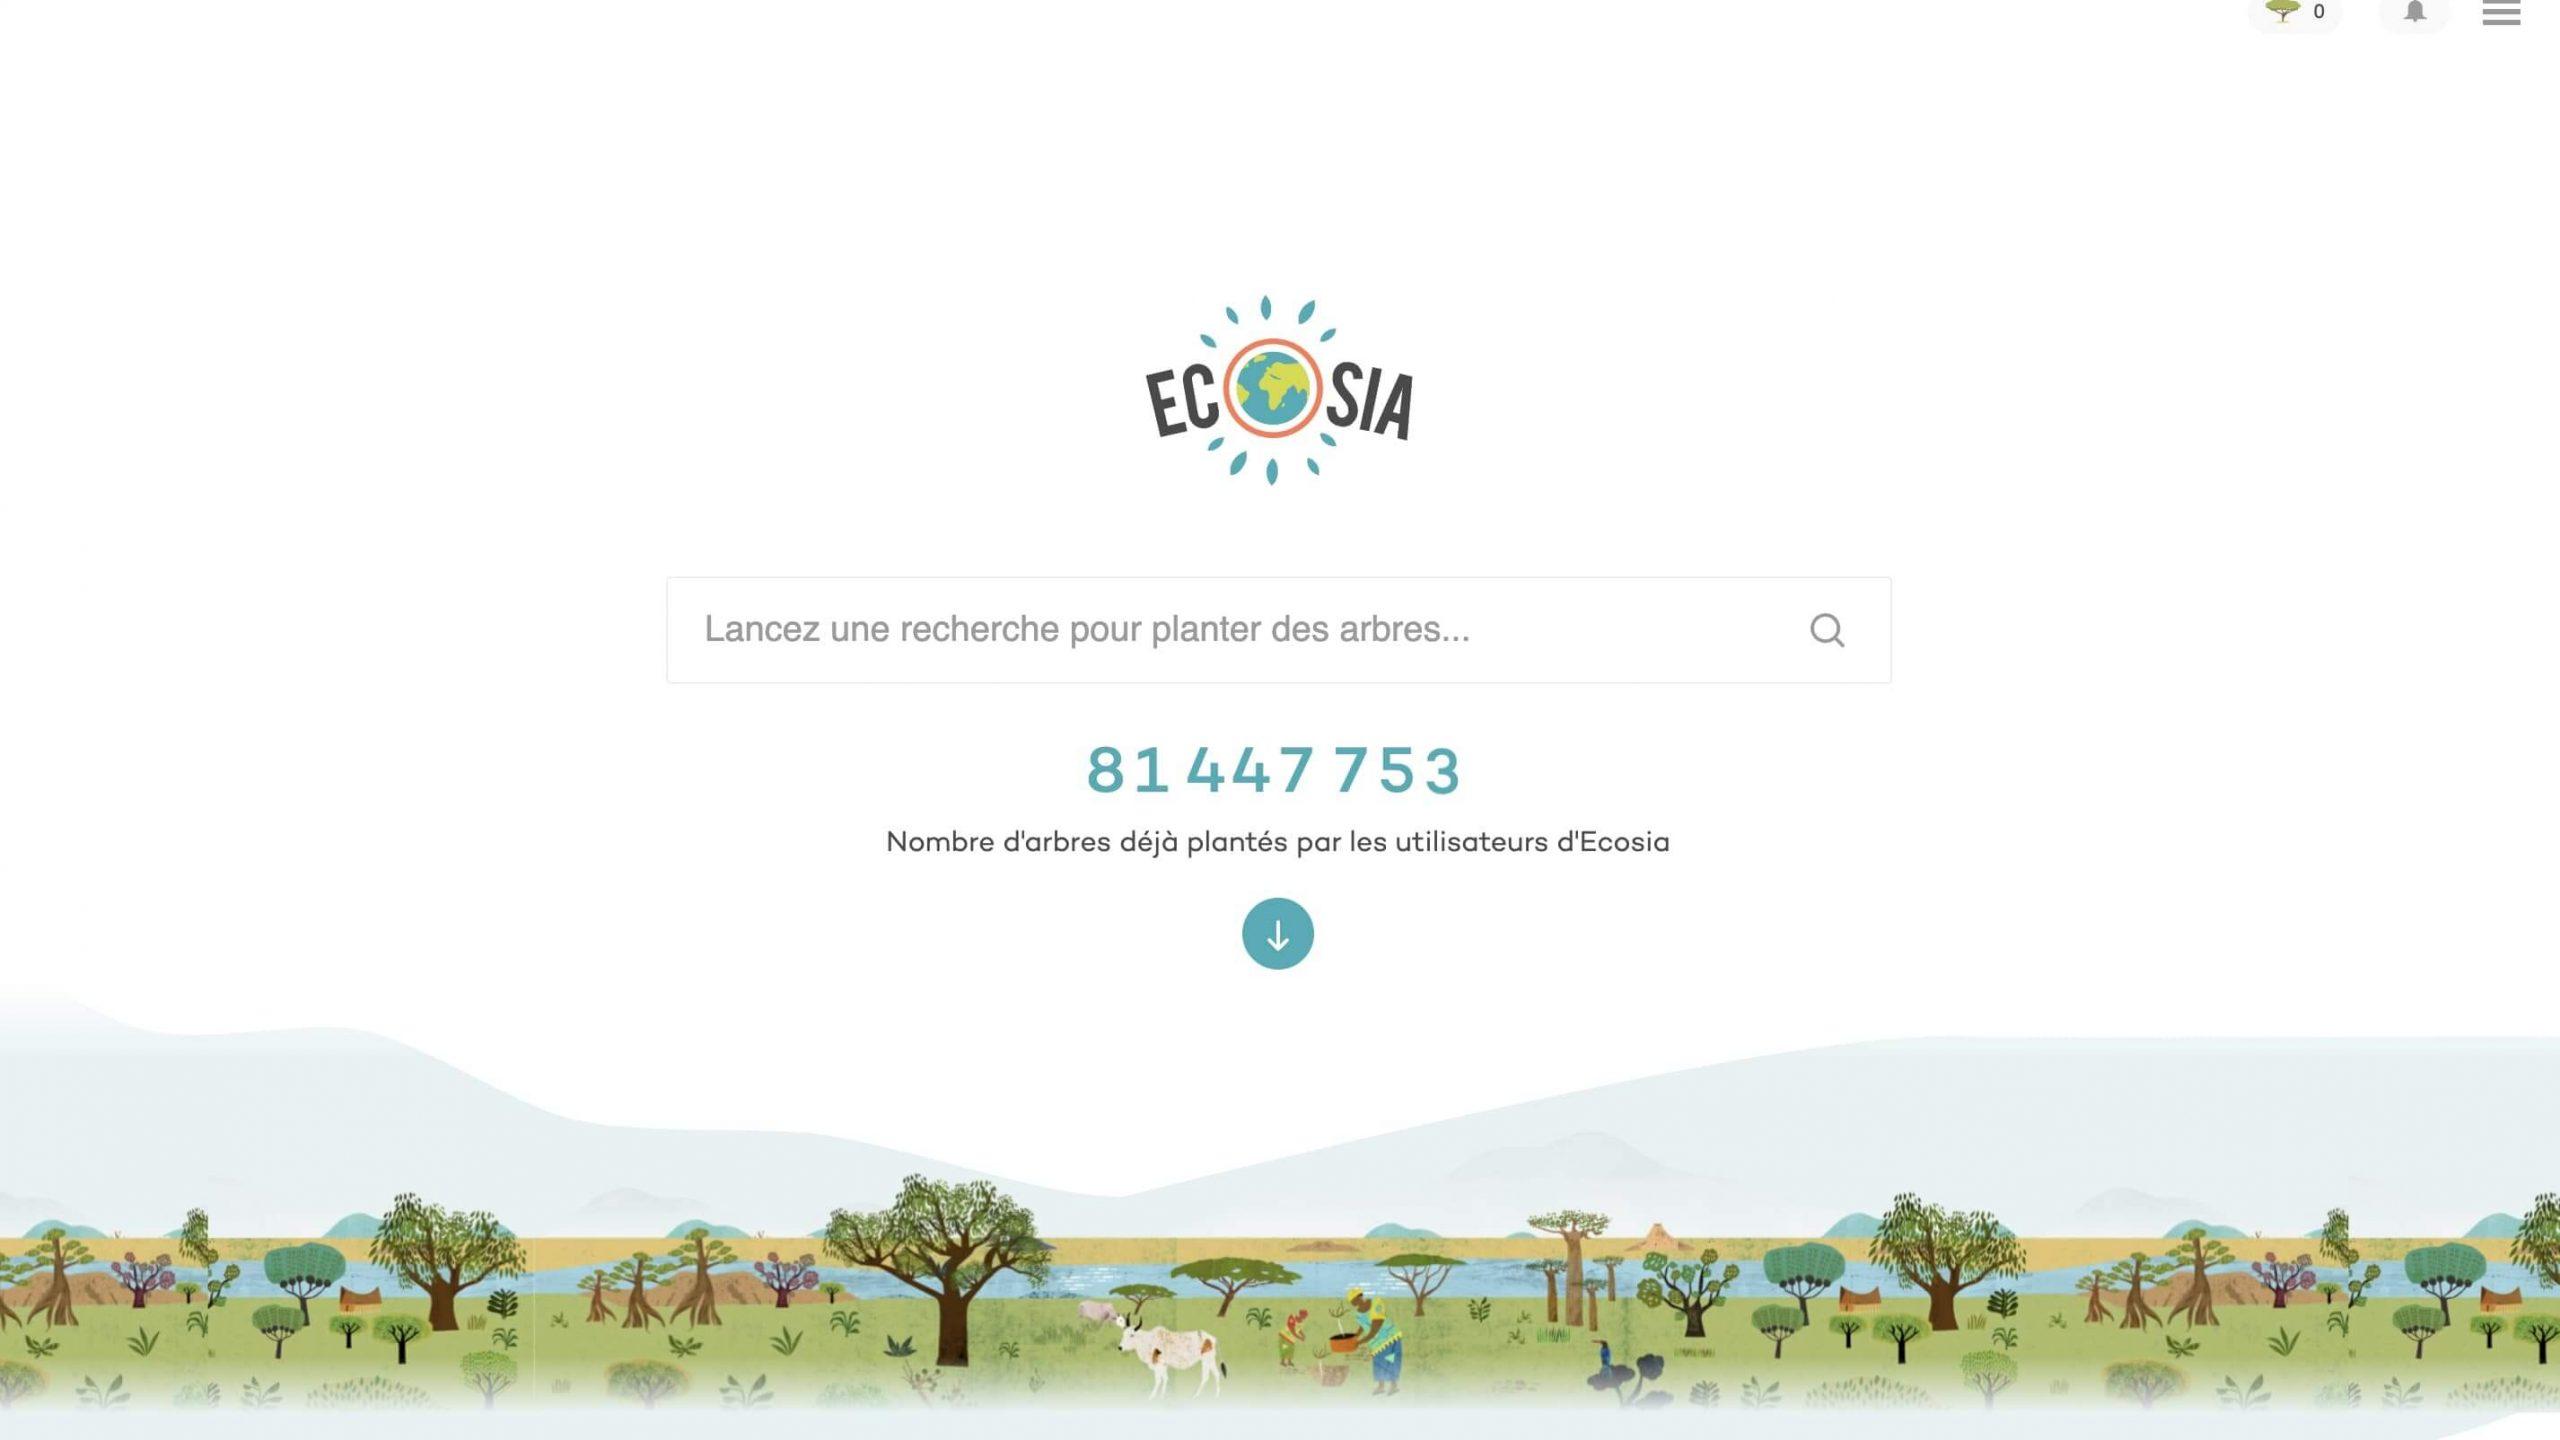 Exemple de la signification des couleurs : utilisation de la couleur verte, utilisée pour le moteur de recherche Ecosia, qui souligne sa cause environnementale.